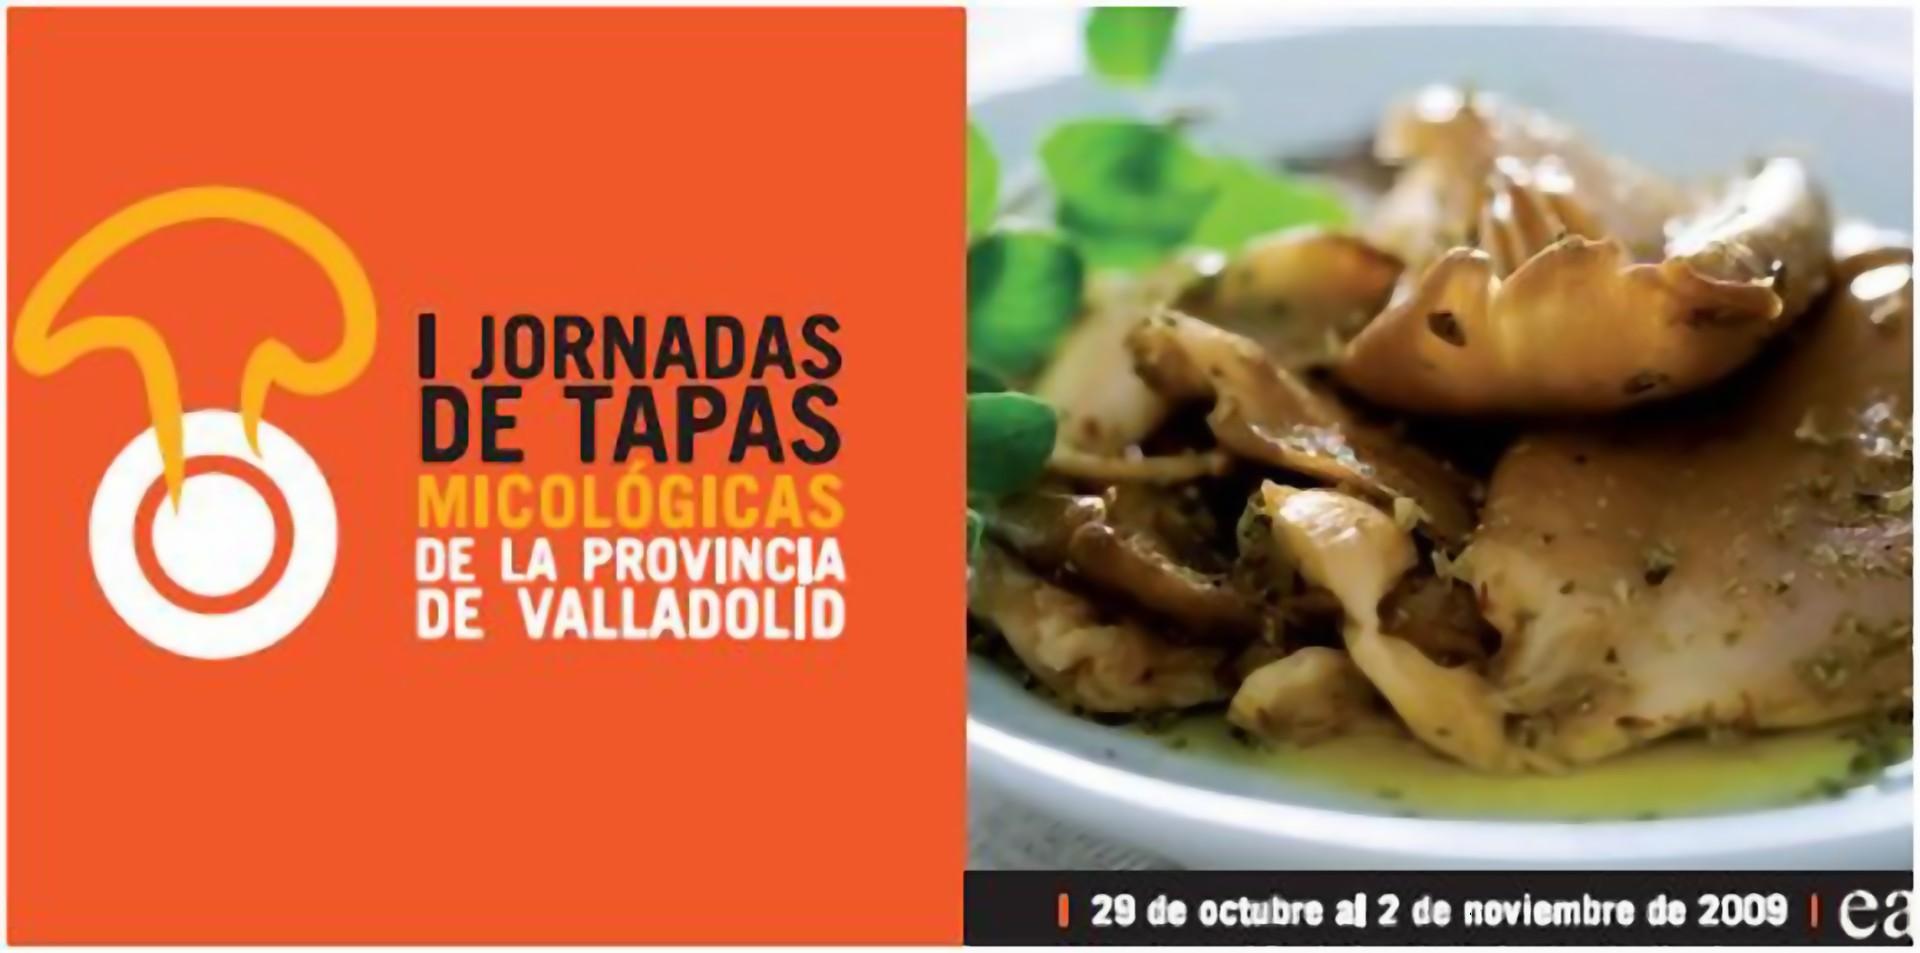 Tapas Micológicas de la Provincia de Valladolid